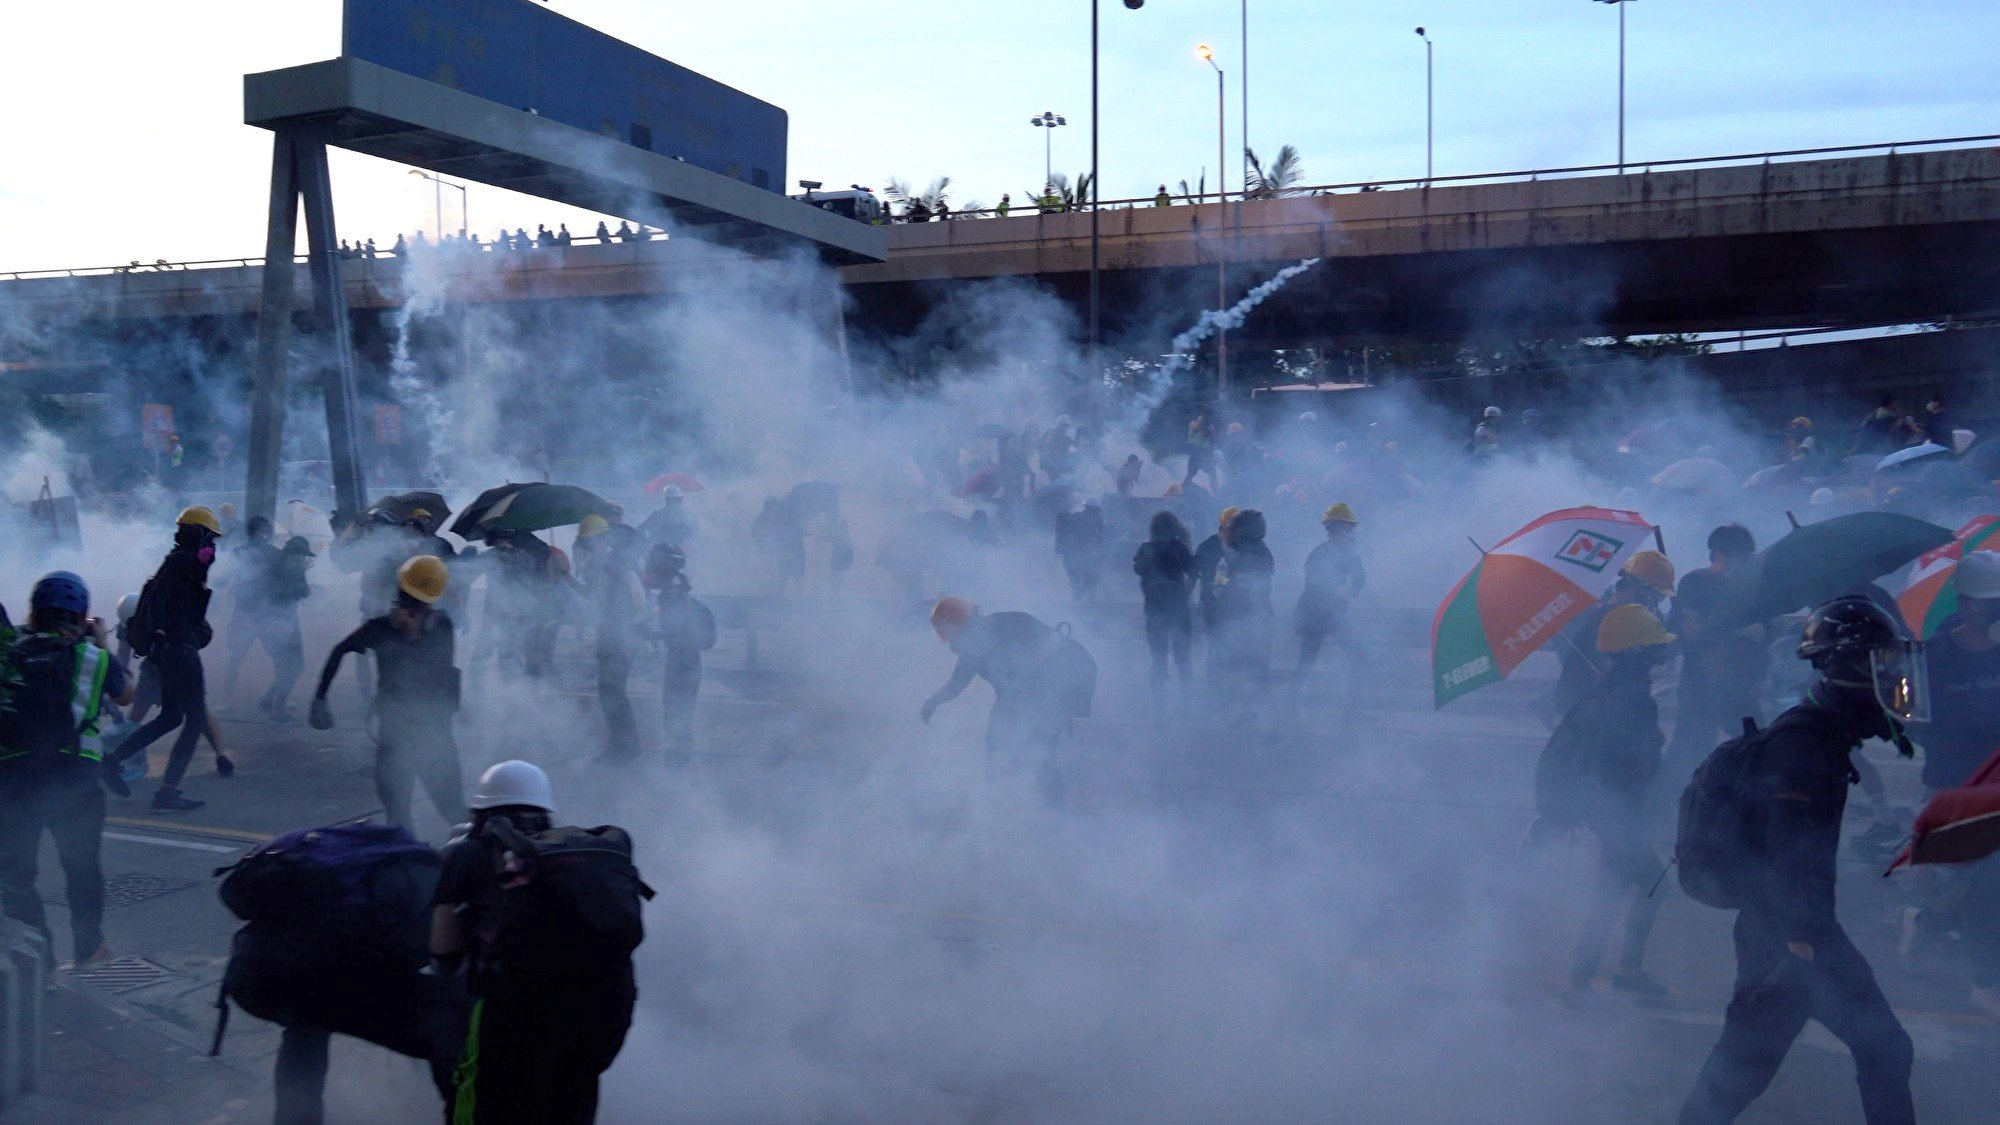 圖為7月28日入夜,在香港西環,警民爆激烈衝突。港警多次施放催淚彈等驅趕示威者。(李逸/大紀元)